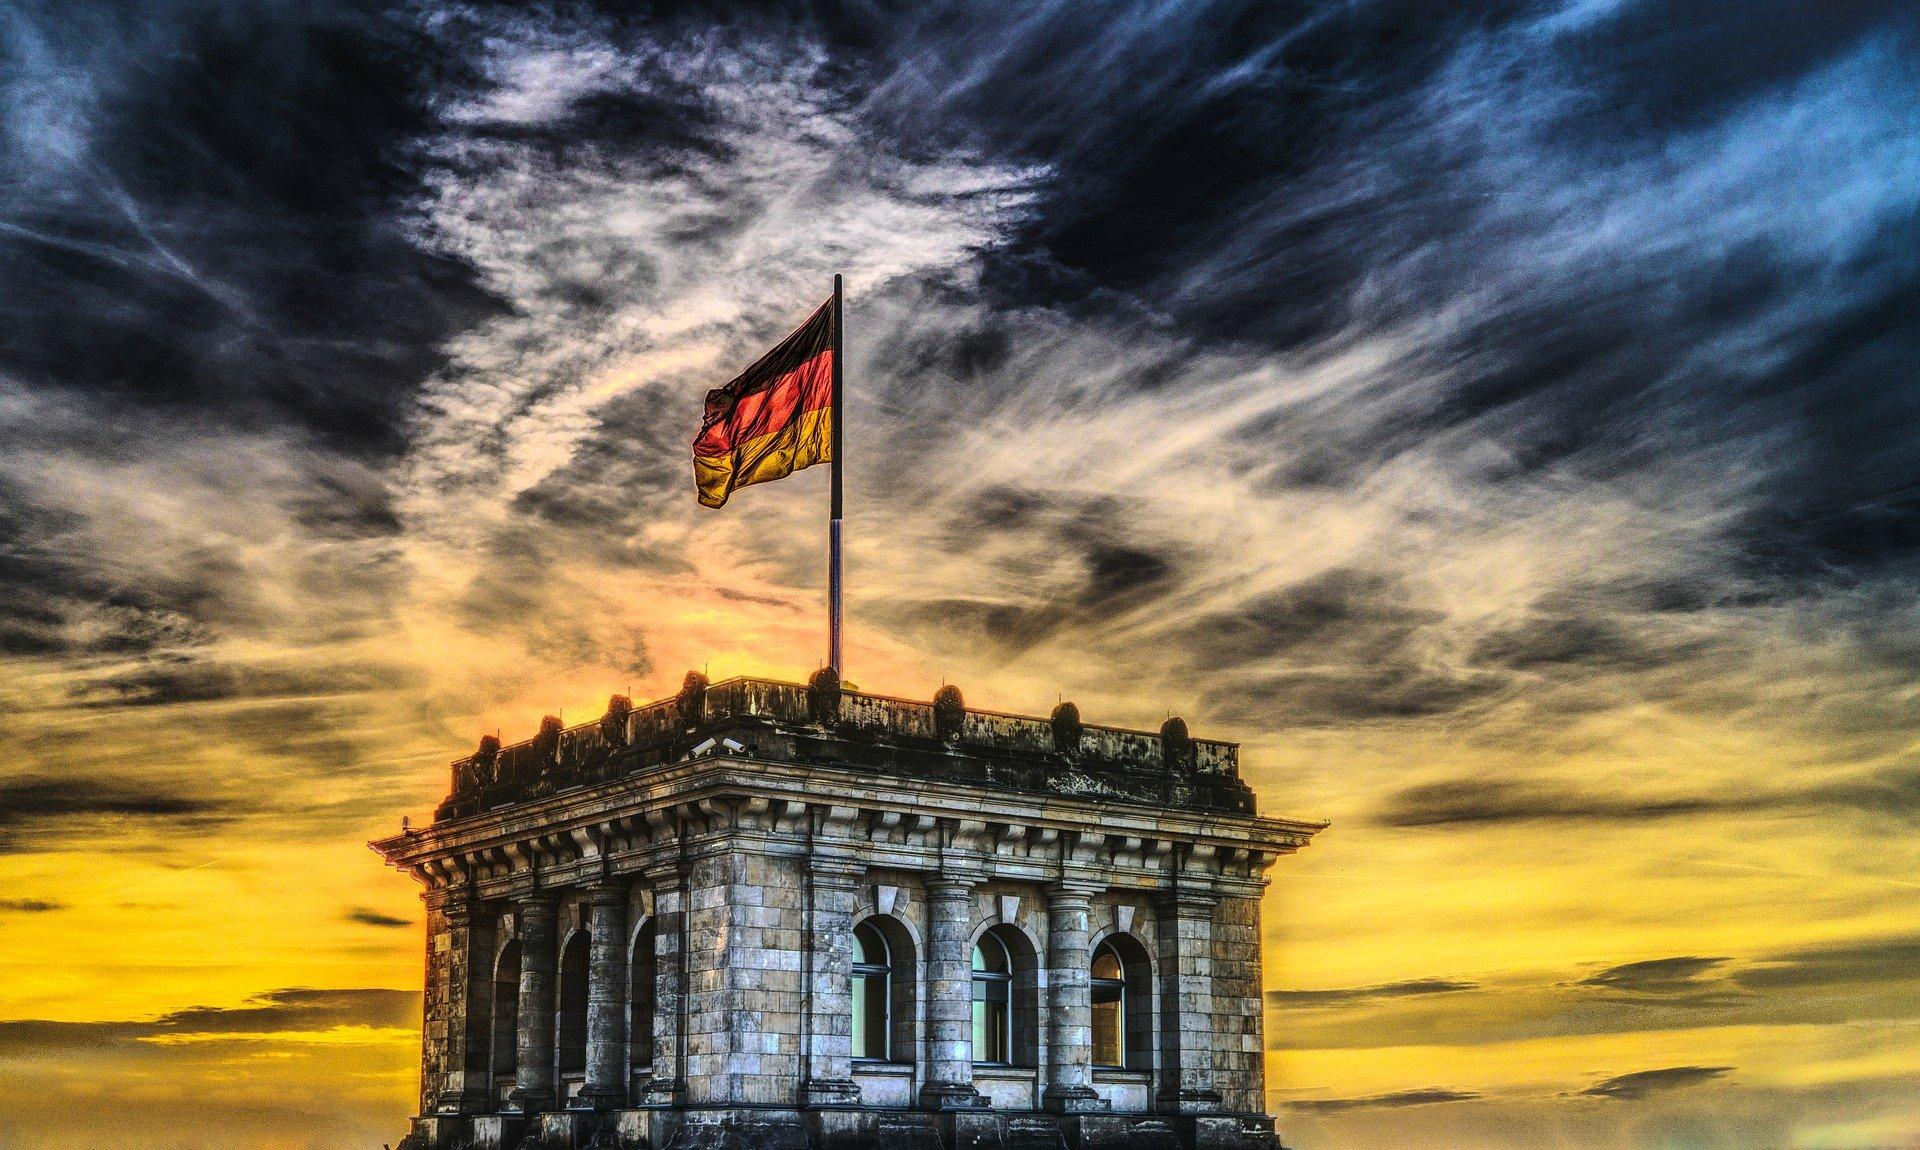 La Germania tra proiezione di potenza e ombrello nucleare, II parte